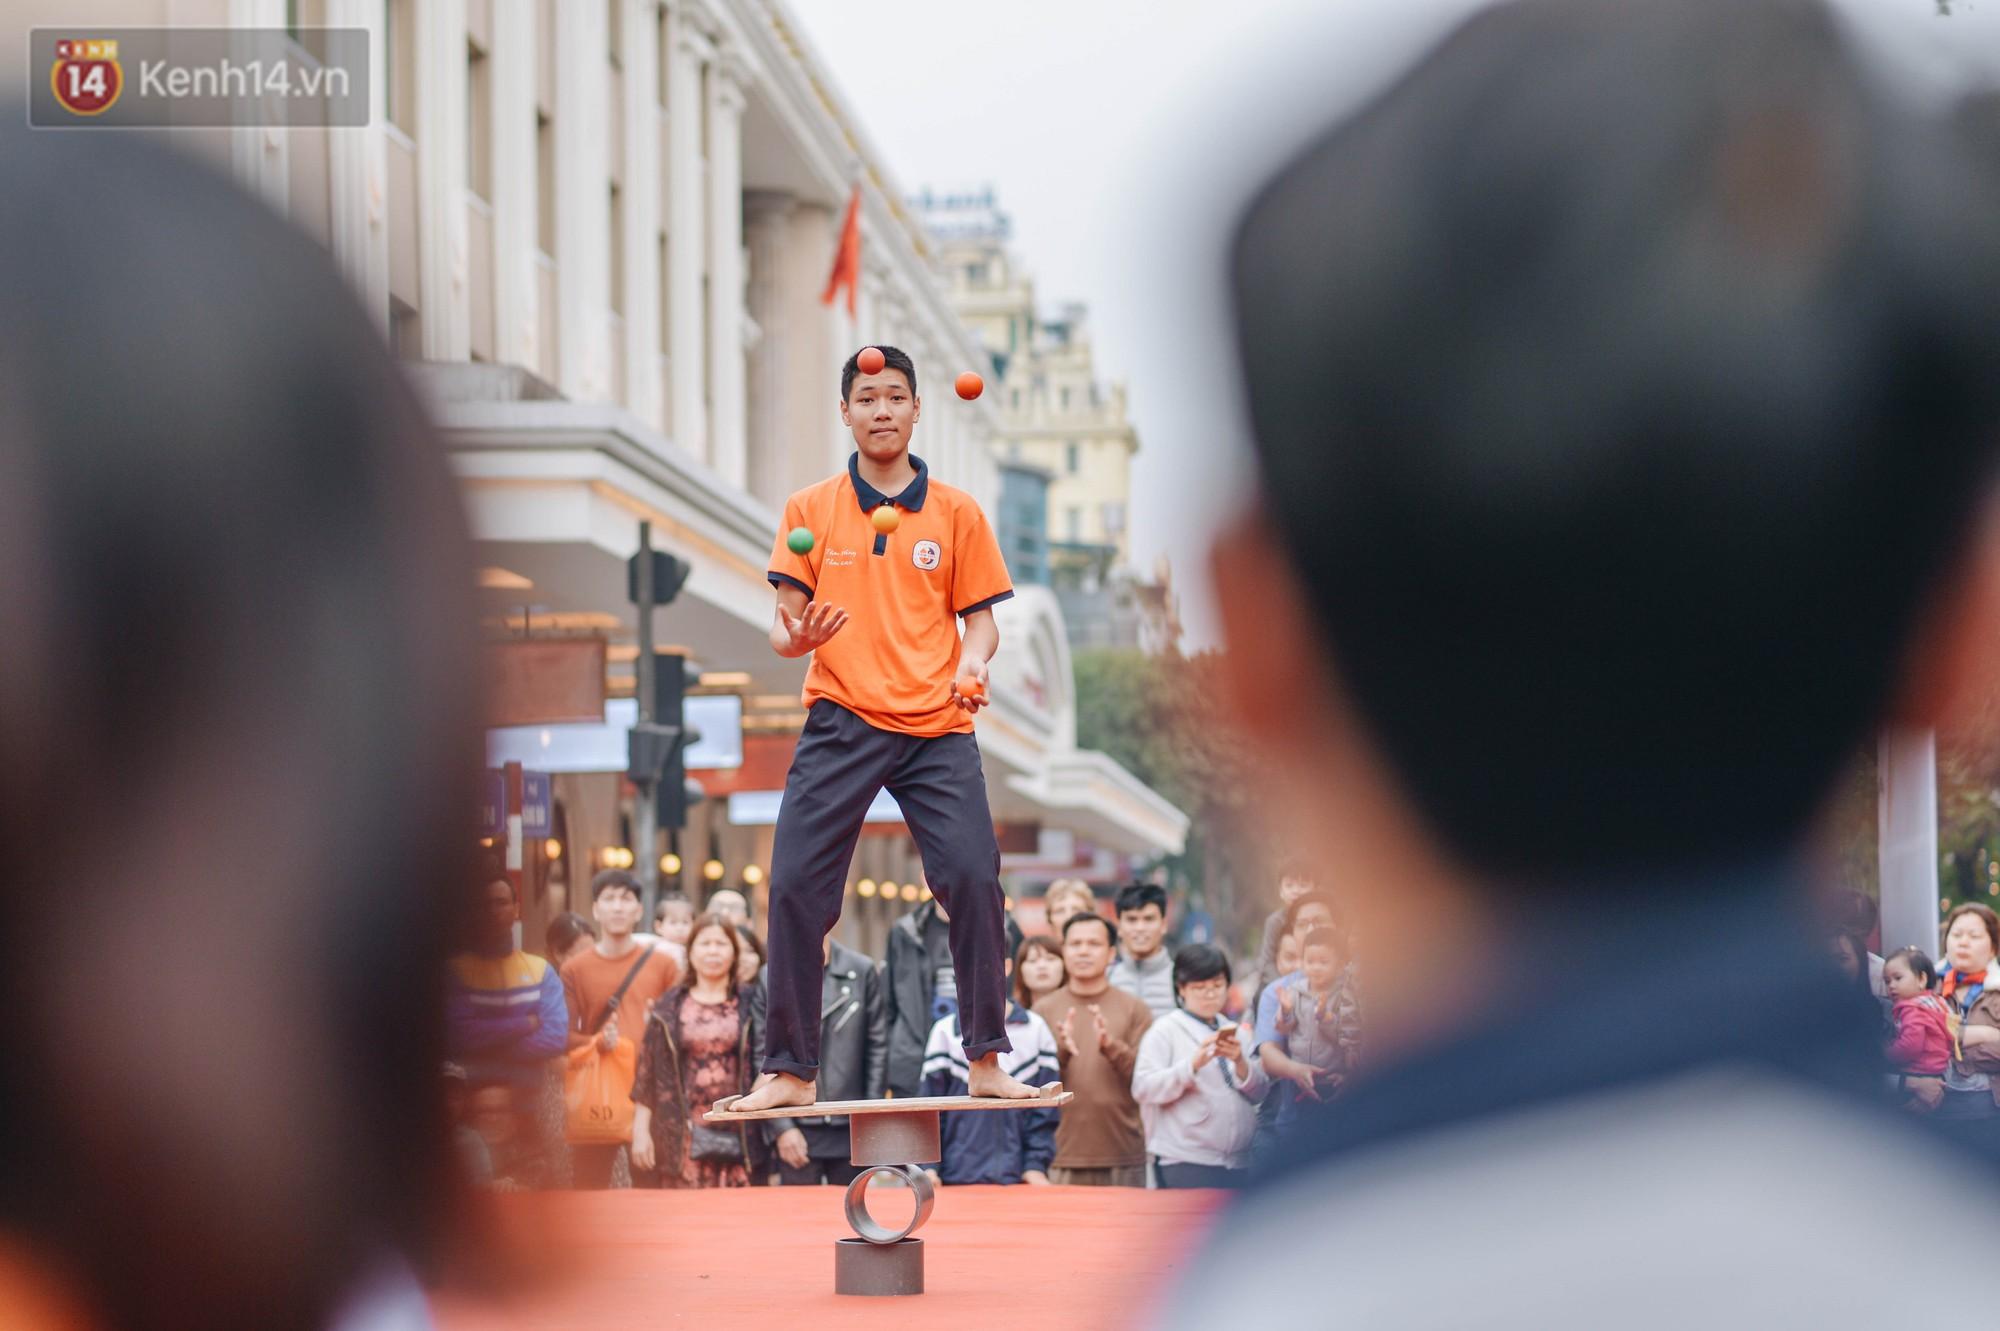 Một người cha Hà Nội viết nên cổ tích cho con trai tự kỷ thoát án chung thân, trở thành kỷ lục gia xiếc nhí Việt Nam - Ảnh 10.